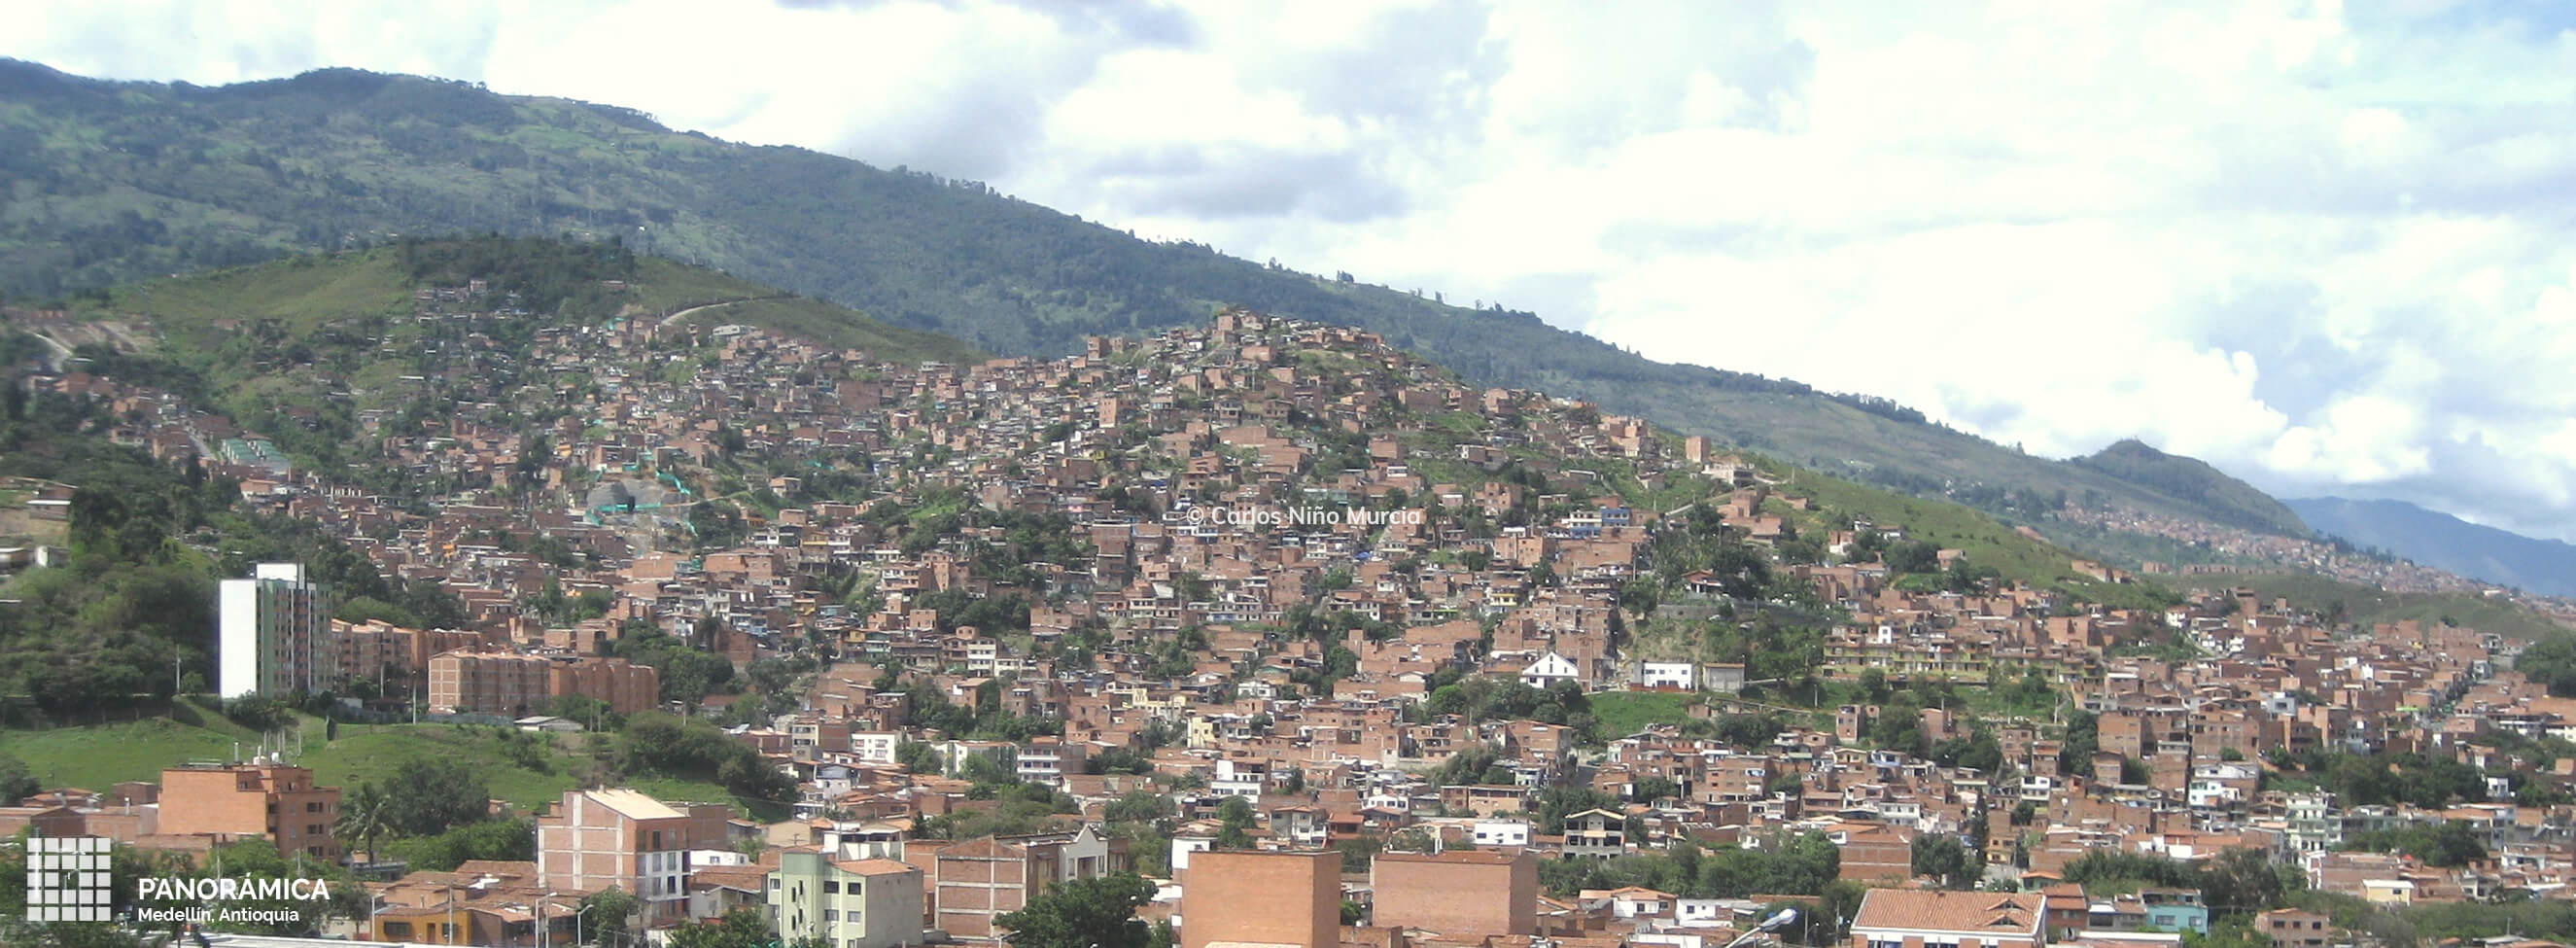 foto-arq-colombia-29